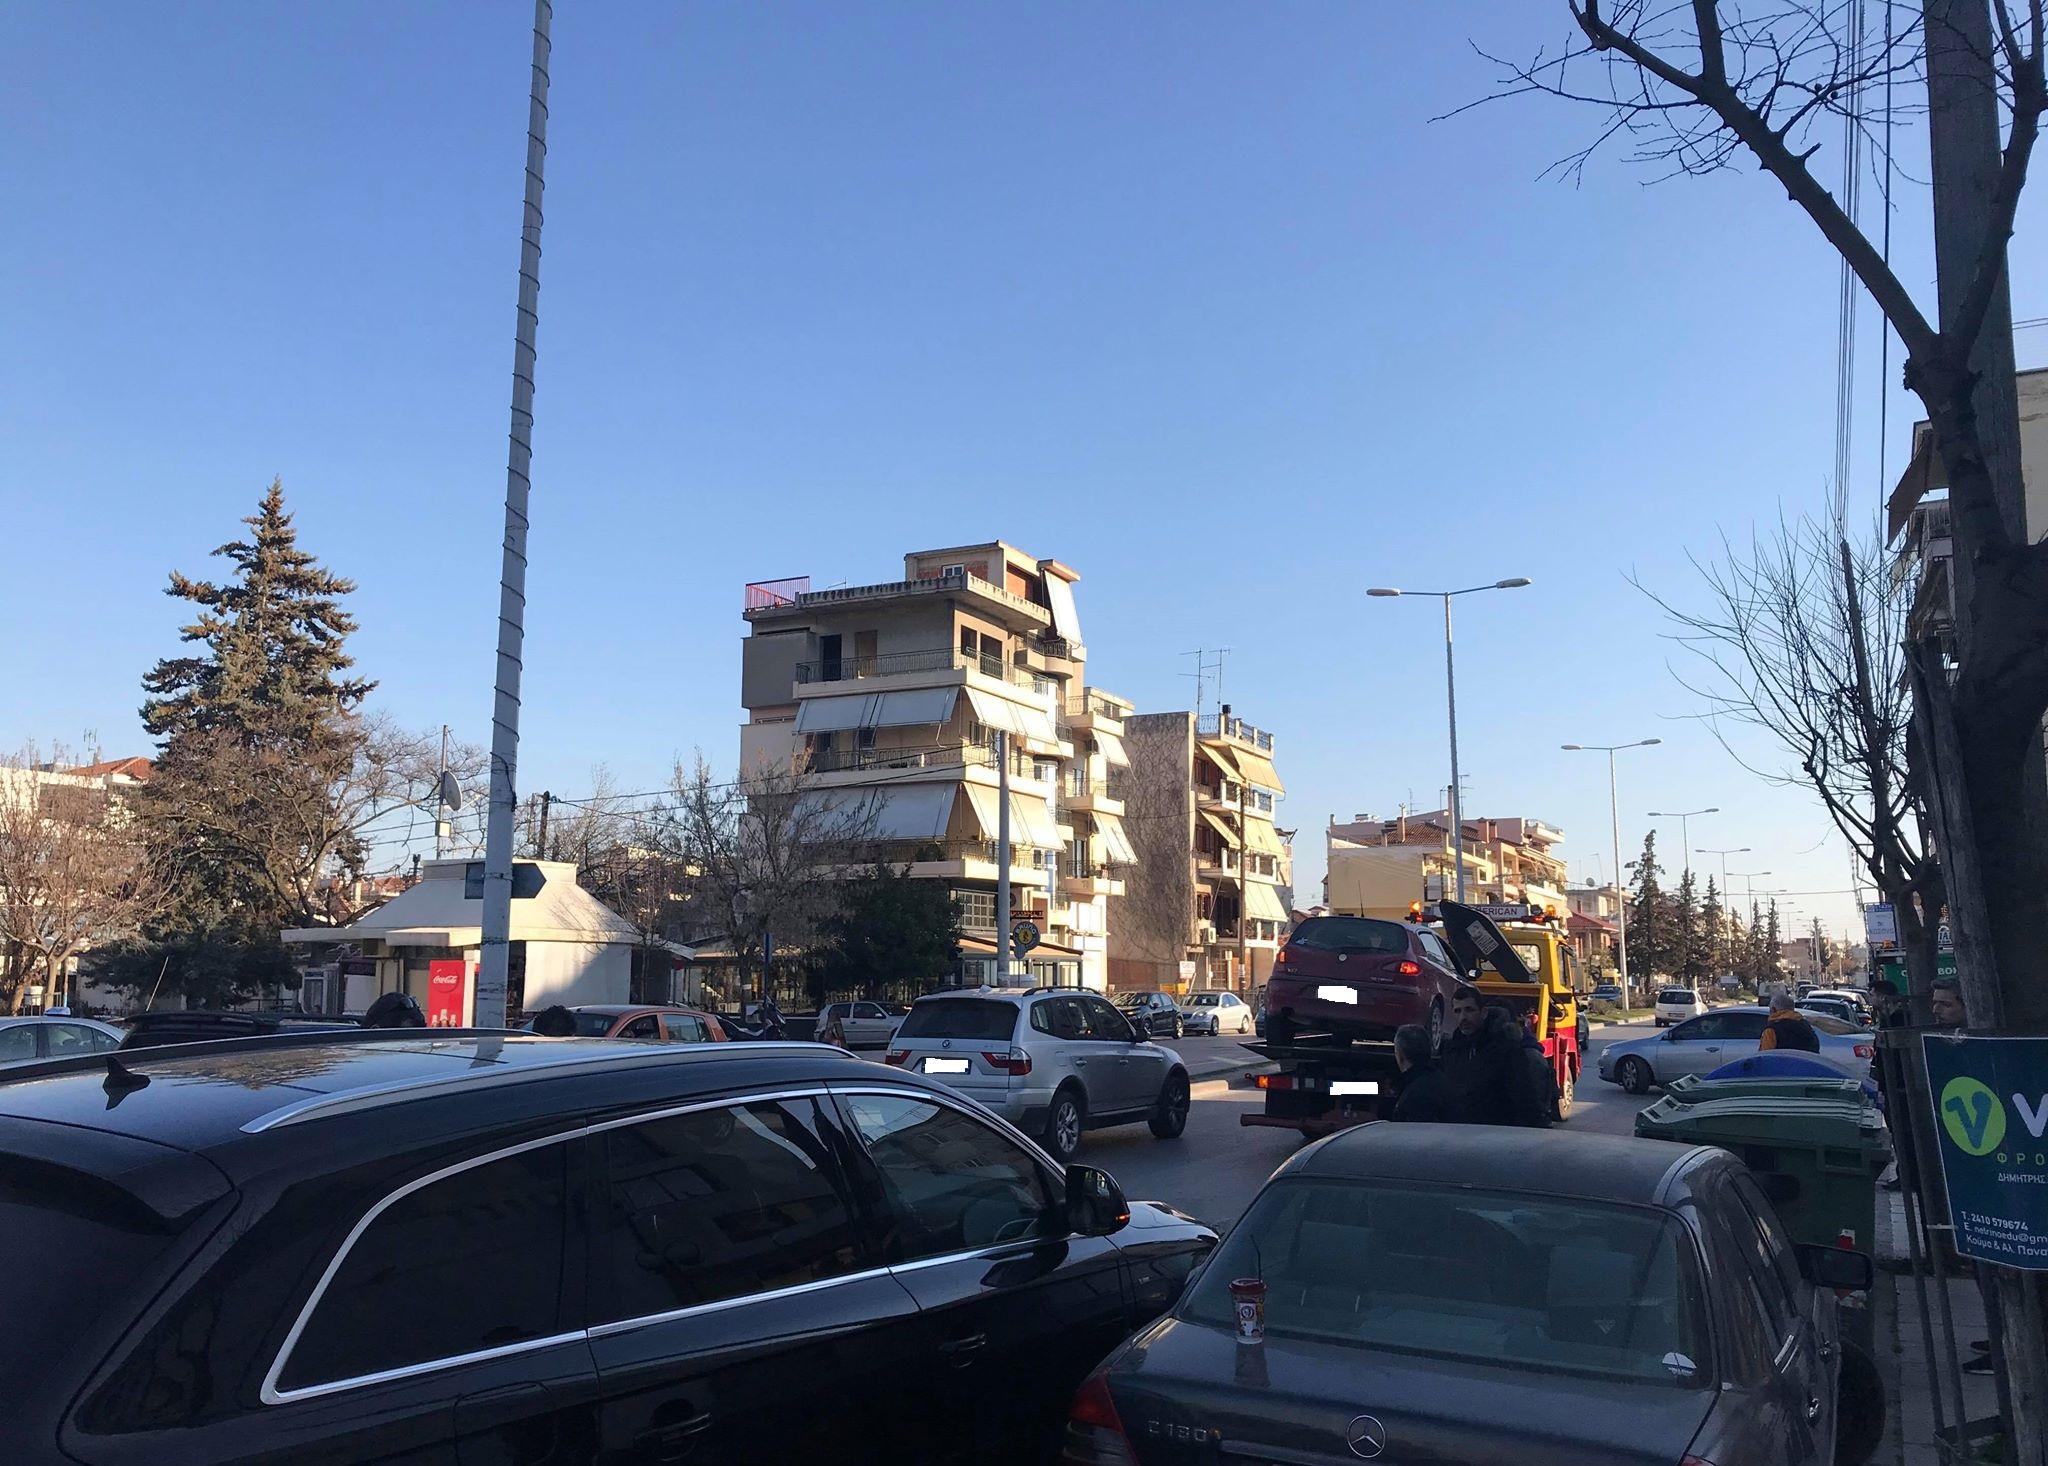 Καραμπόλα αυτοκινήτων στη Λάρισα (Φώτο)